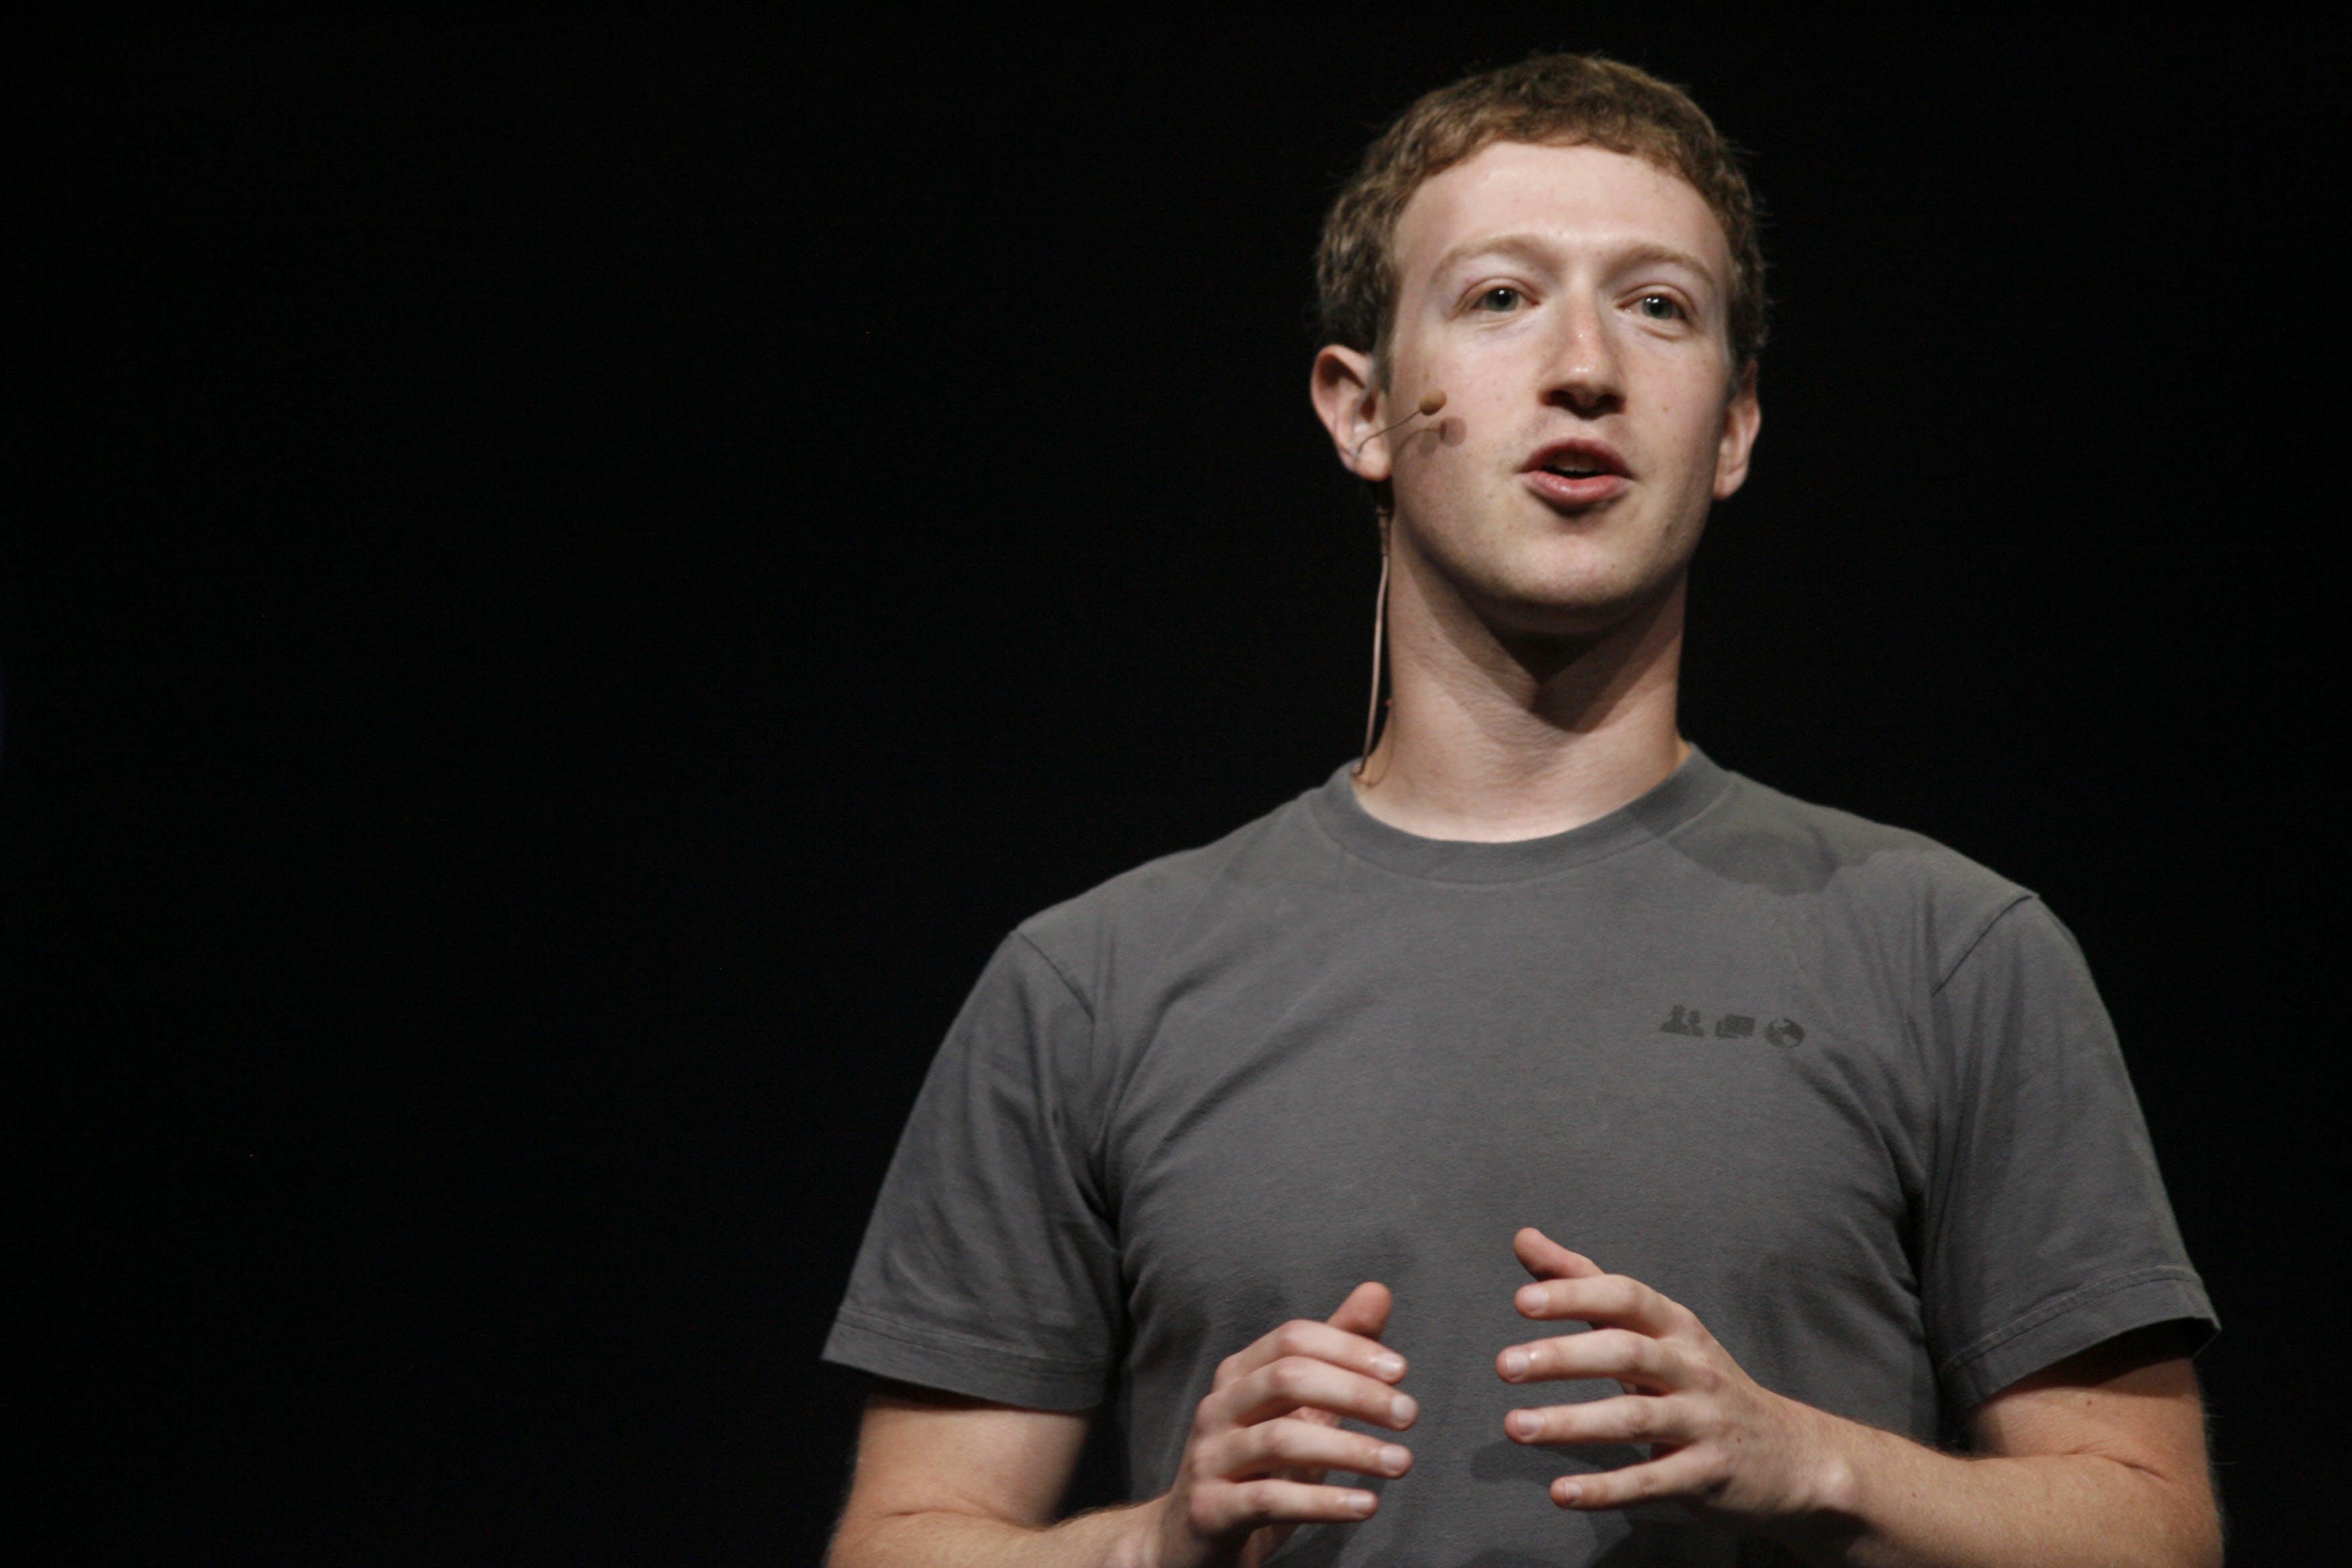 Facebook-ը փոխելու է իր լրահոսի աշխատելու մեխանիզմը՝ քիչ երևացող դարձնելով լուրերի հրապարակումները